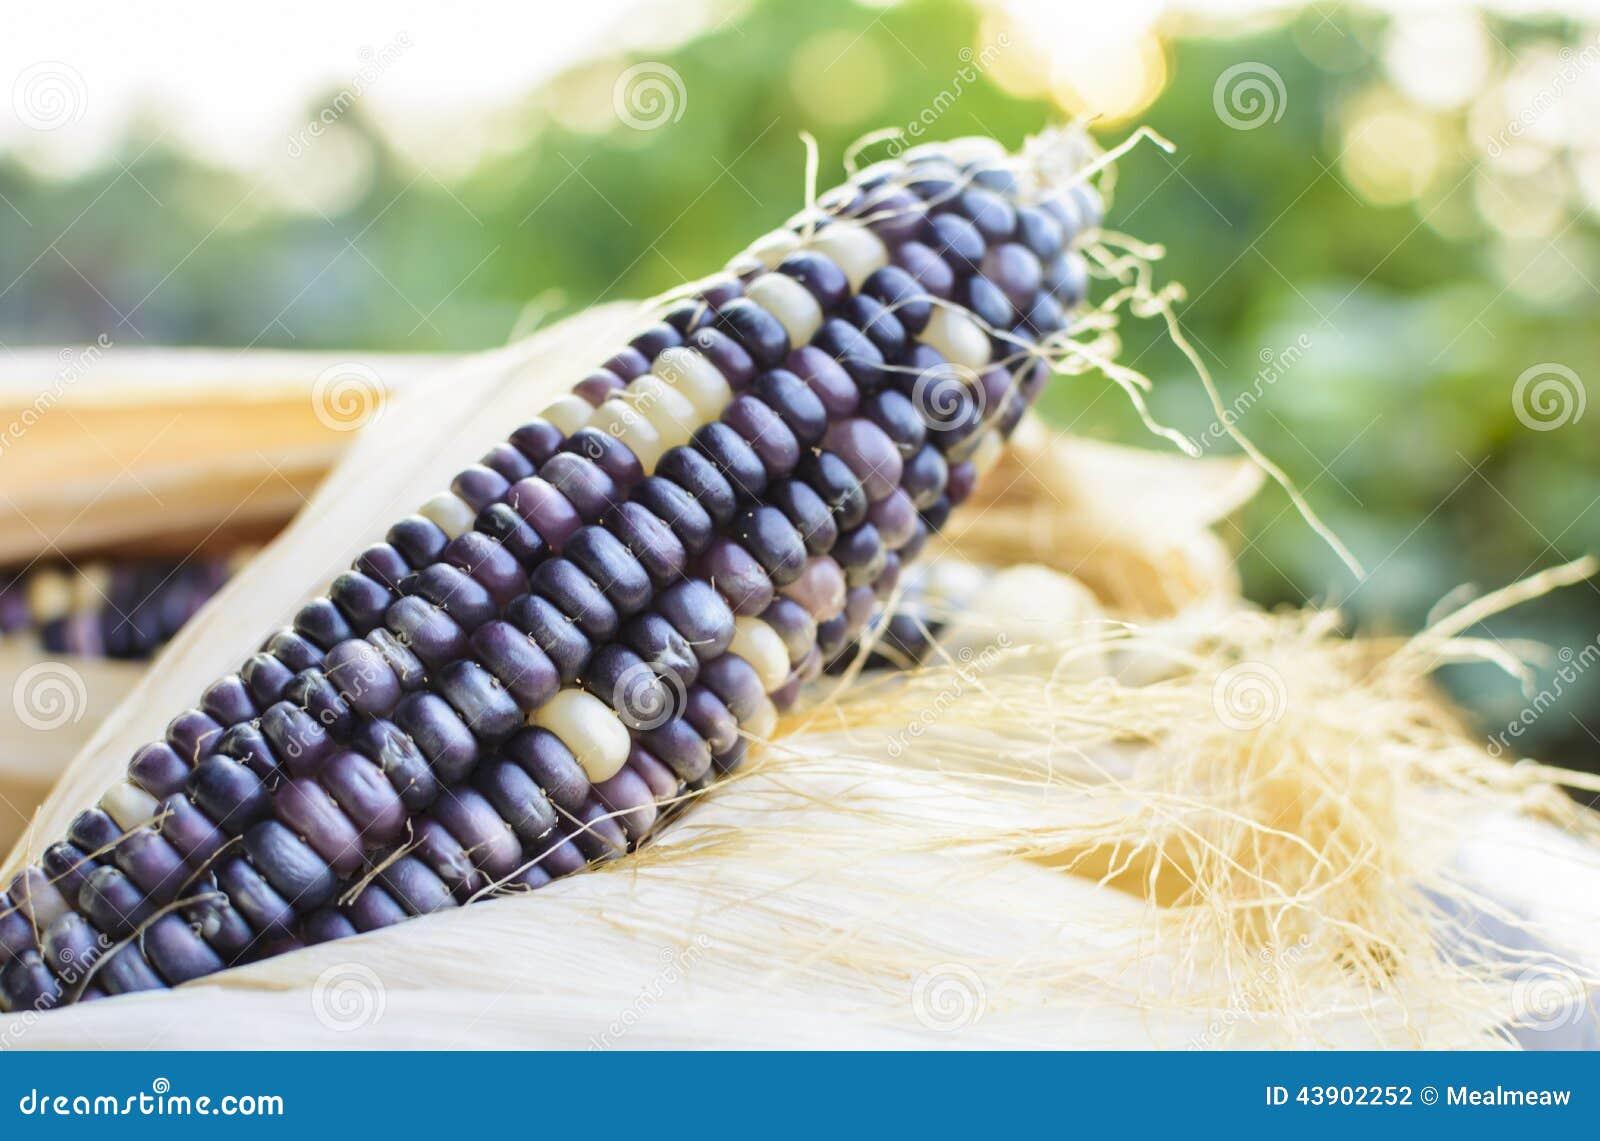 Droog graan voor het fokken, Thais graan